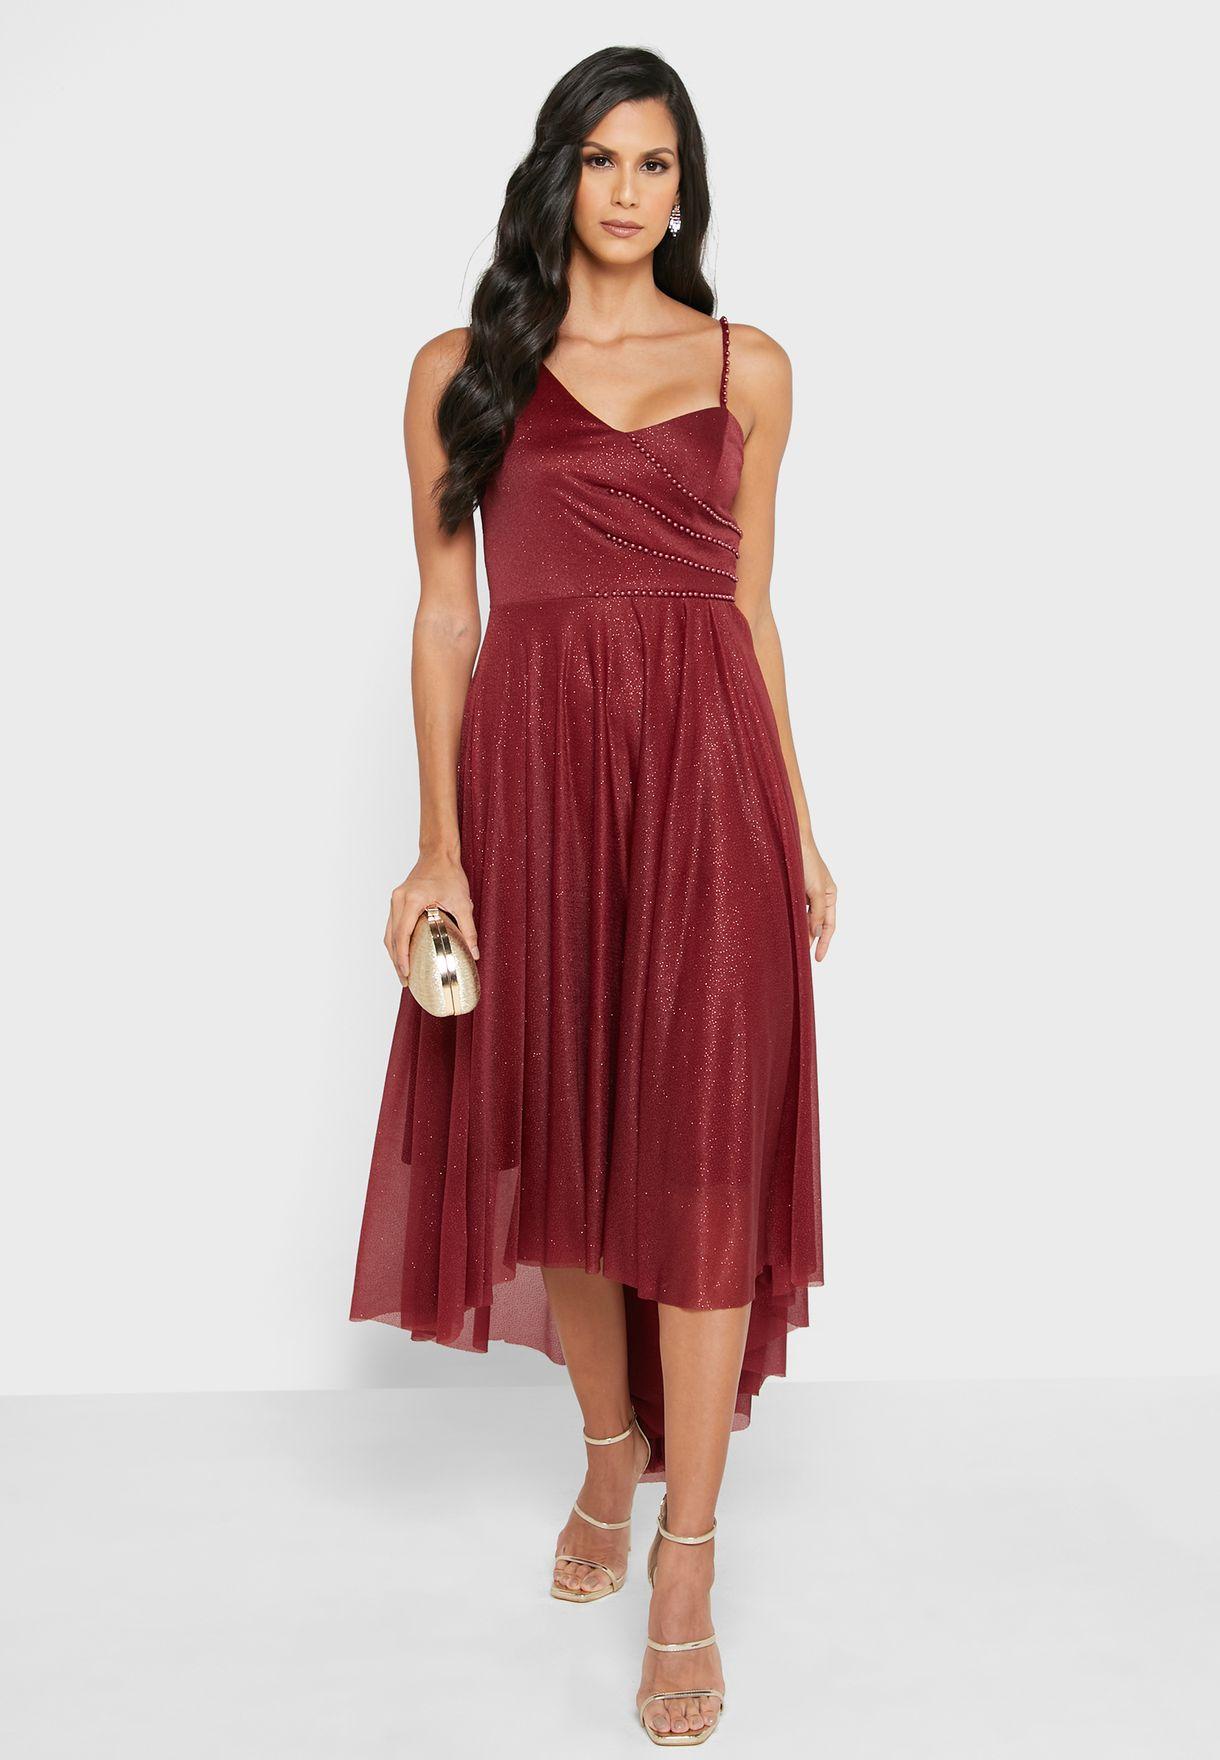 فستان لامع بأطراف غير متماثلة